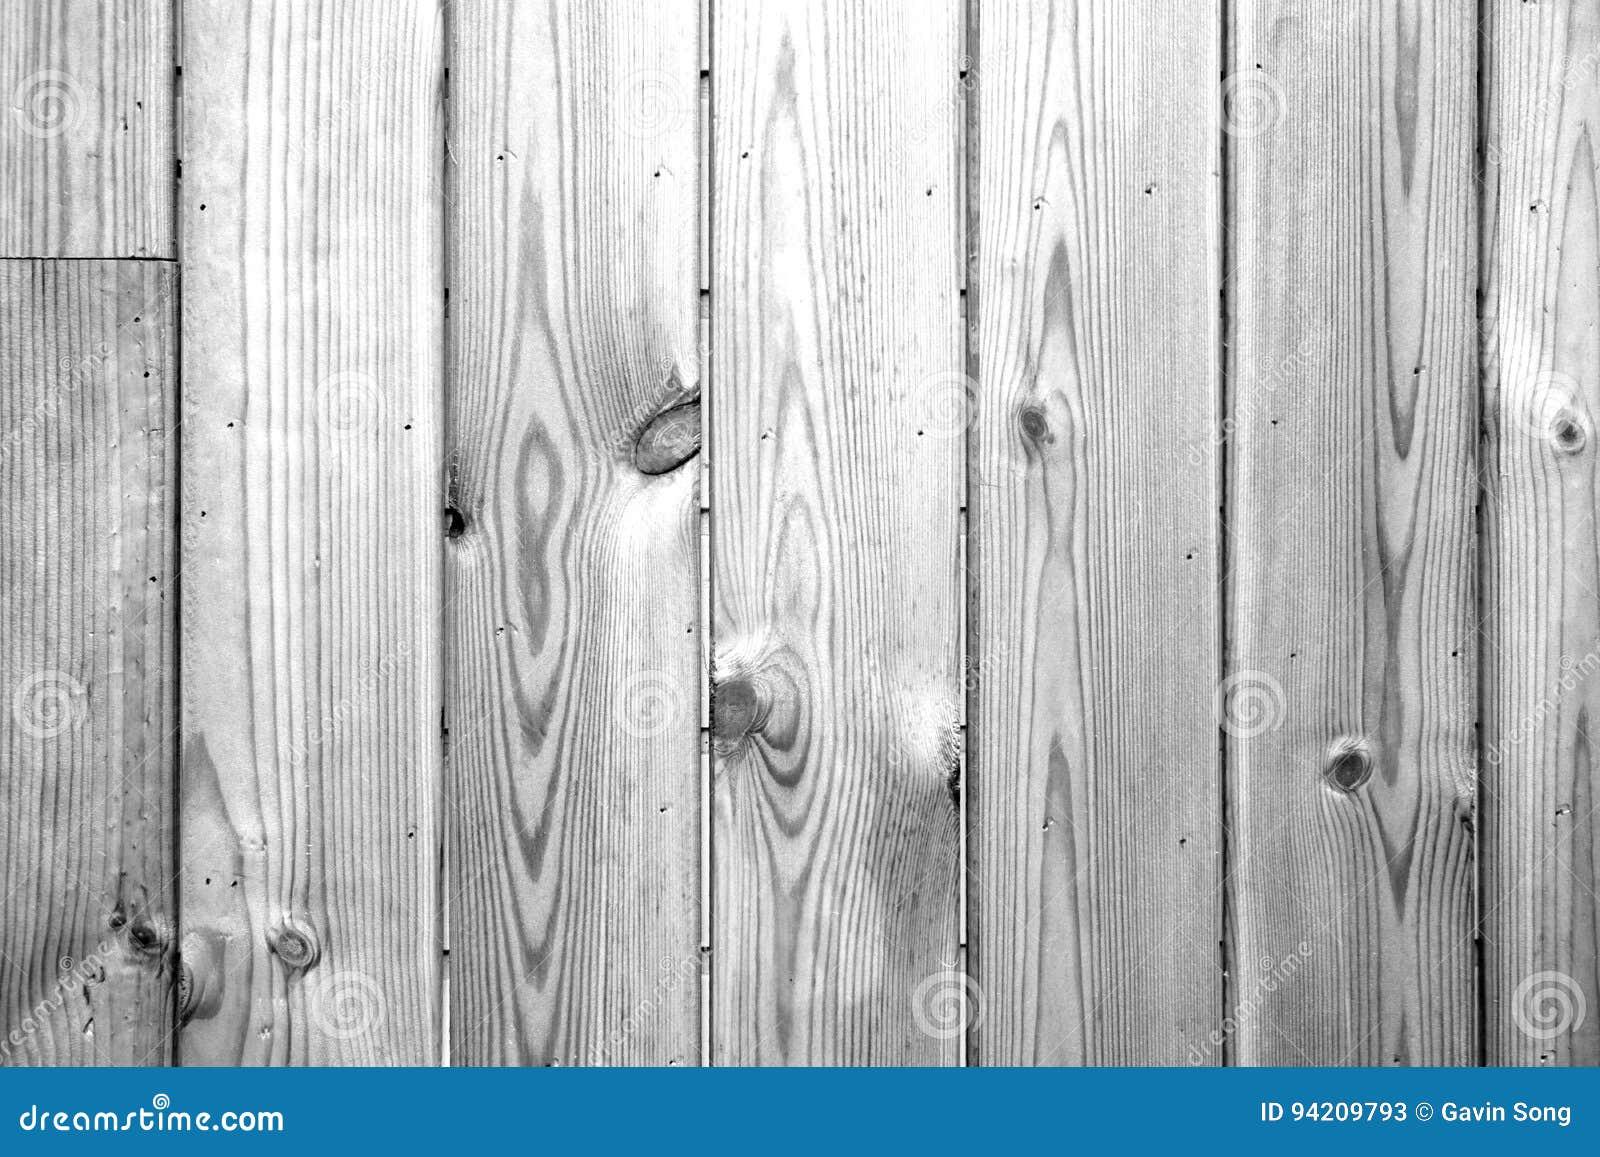 Legno Bianco E Nero : Fondo astratto di lerciume parete di legno in bianco e nero